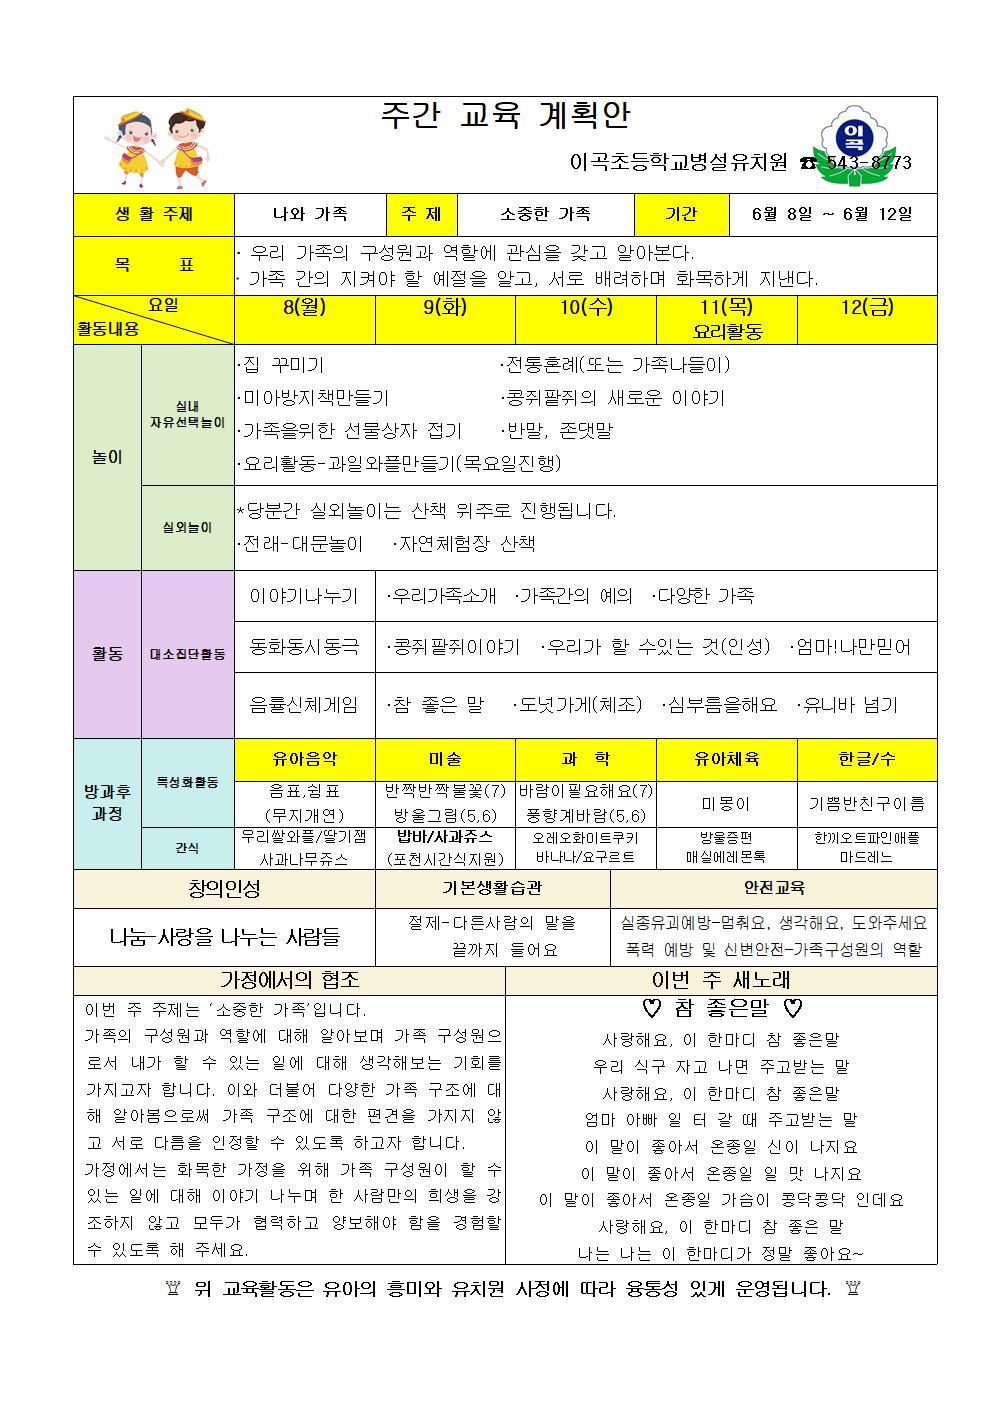 [일반] 6월 주간교육계획안 (1,2주)의 첨부이미지 2